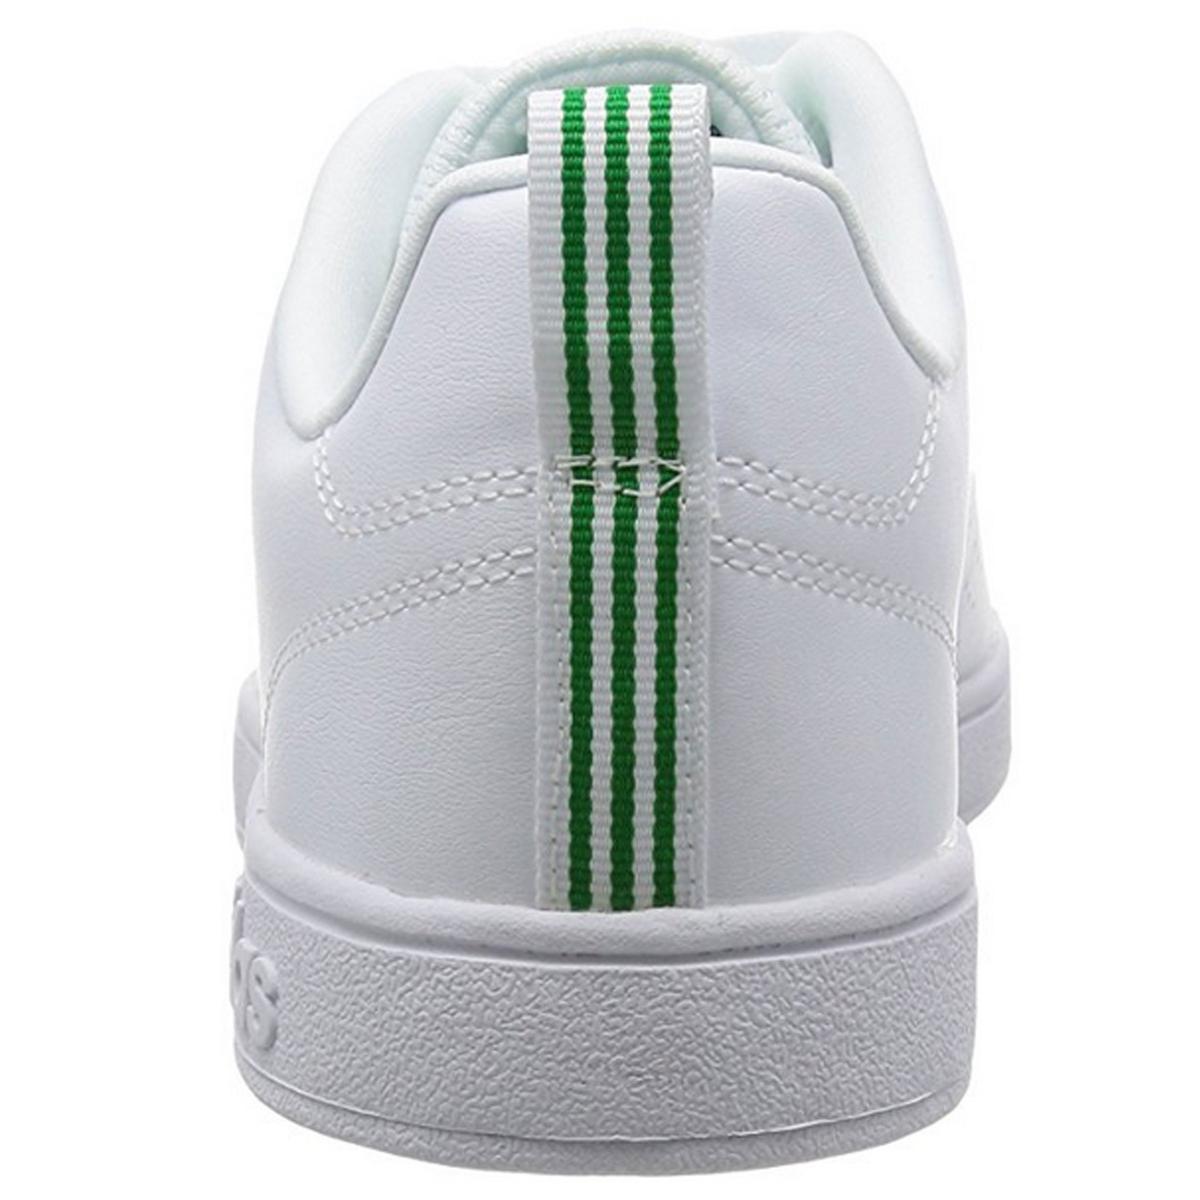 Scarpe Sportive Adidas Vs Advantage CL - Uomo rif. F99251